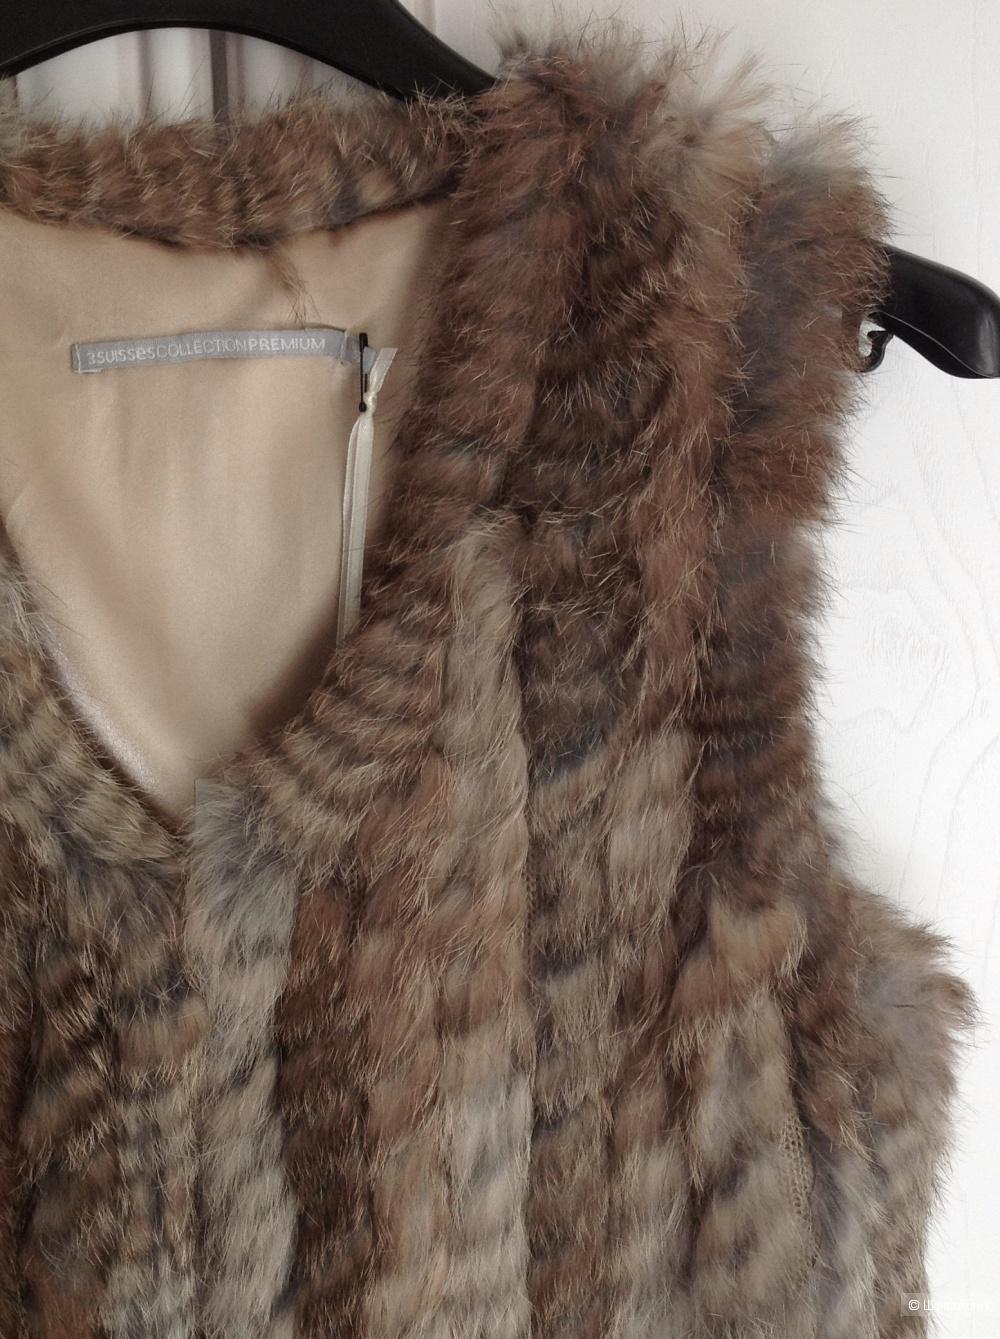 Меховой жилет из вязаного кролика 3 suisses, размер 42-44.